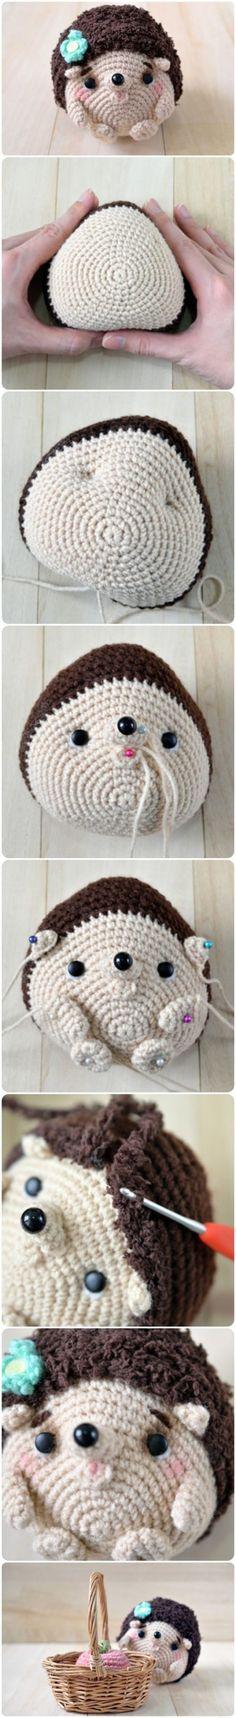 Crochet Hedgehog Free Pattern